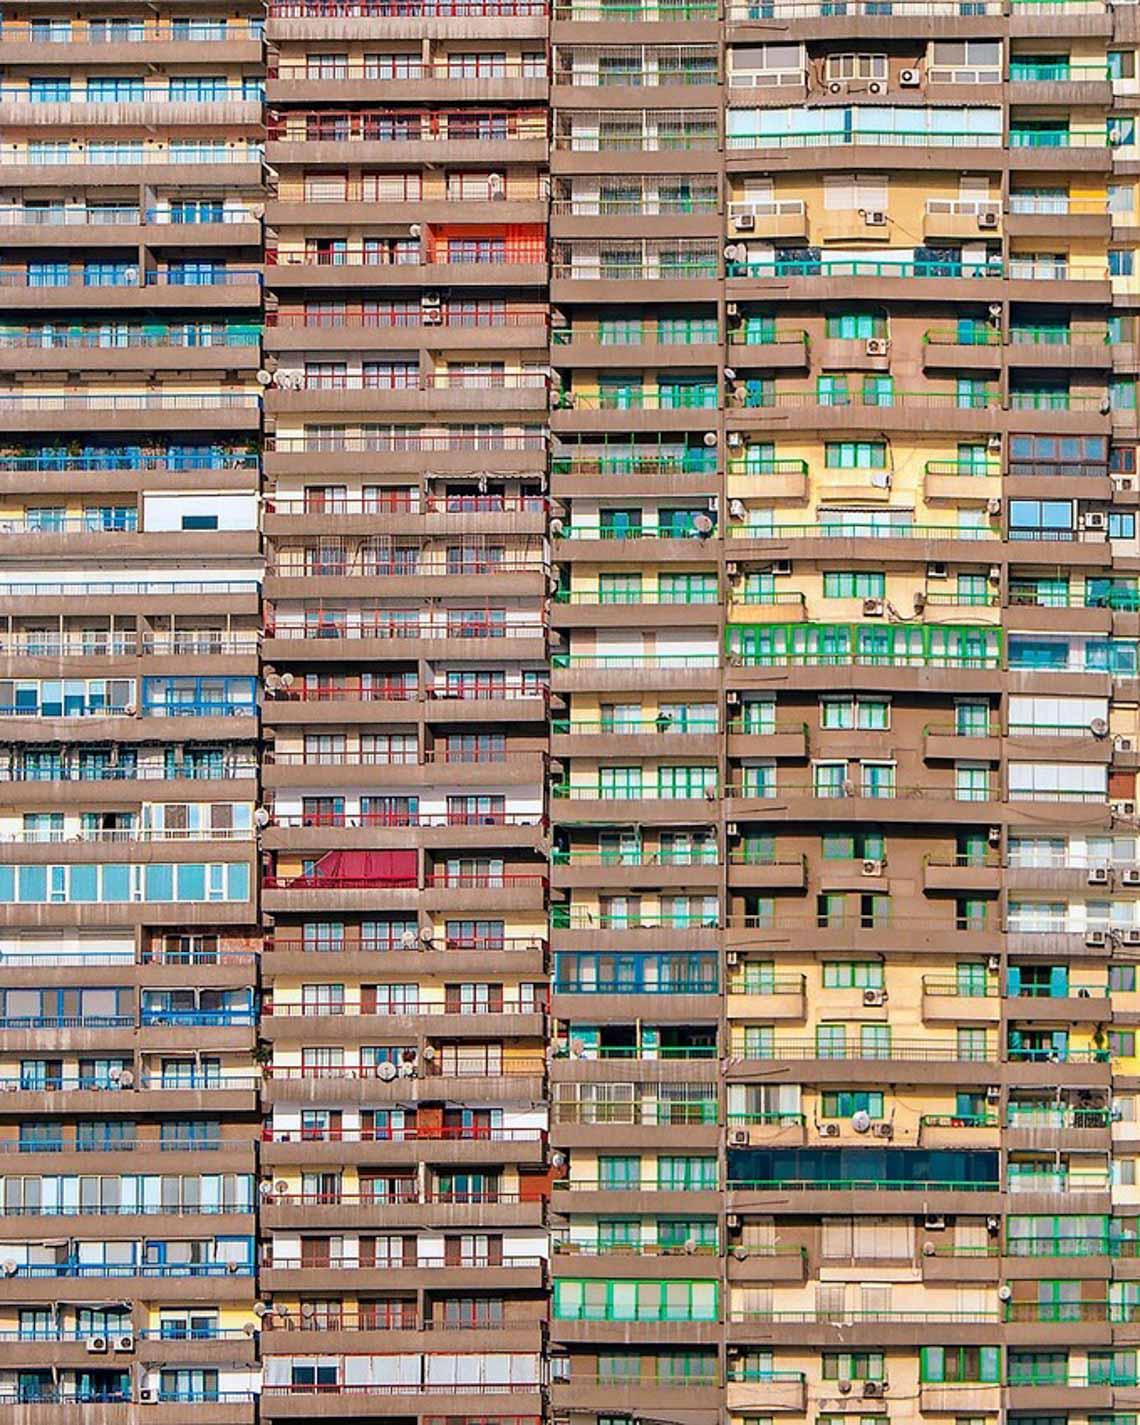 10 bức ảnh đô thị hấp dẫn nhất -1